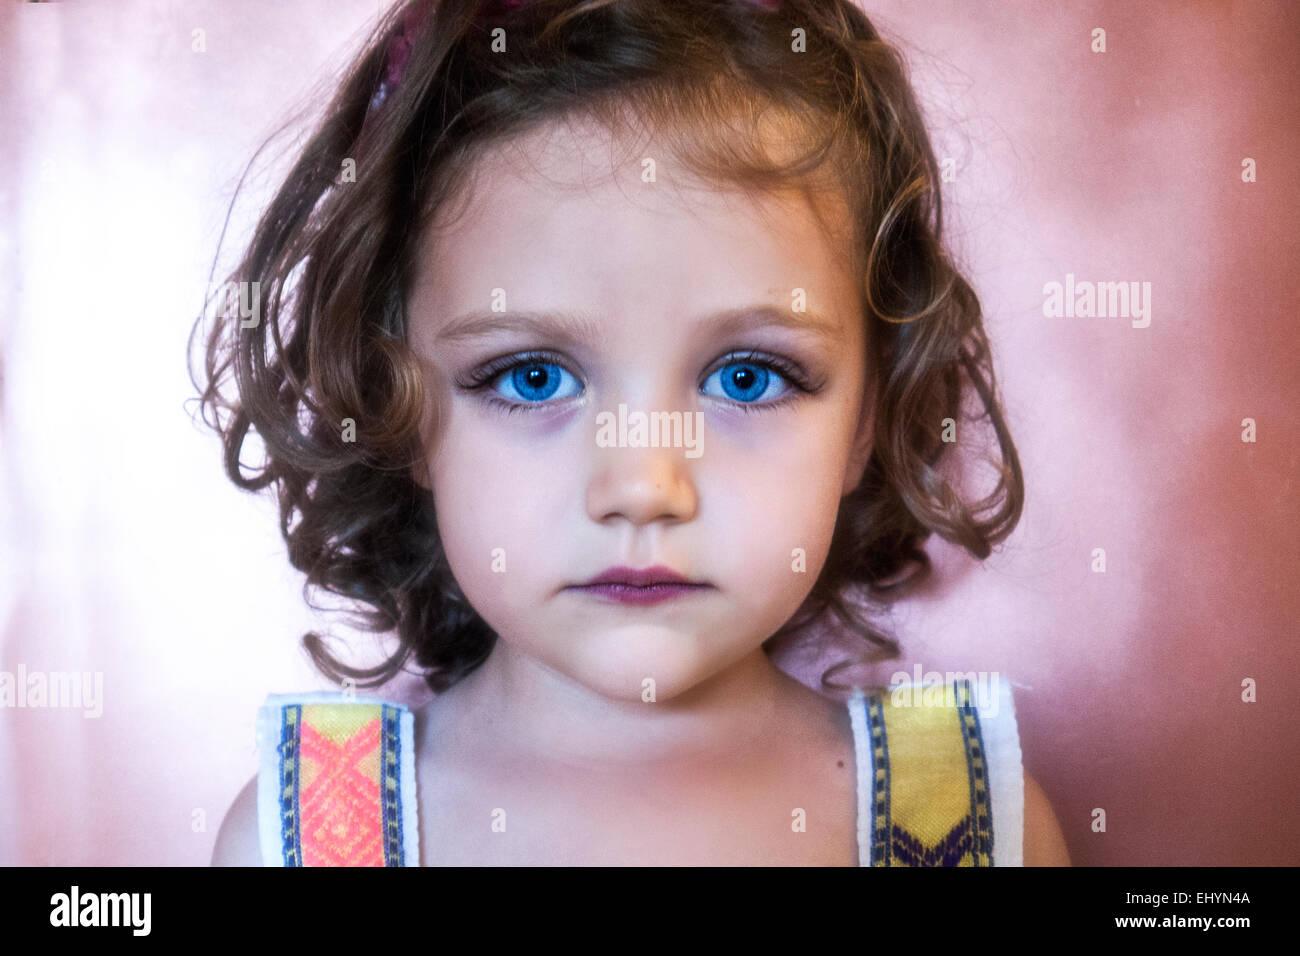 Porträt eines Mädchens mit blauen Augen Stockbild